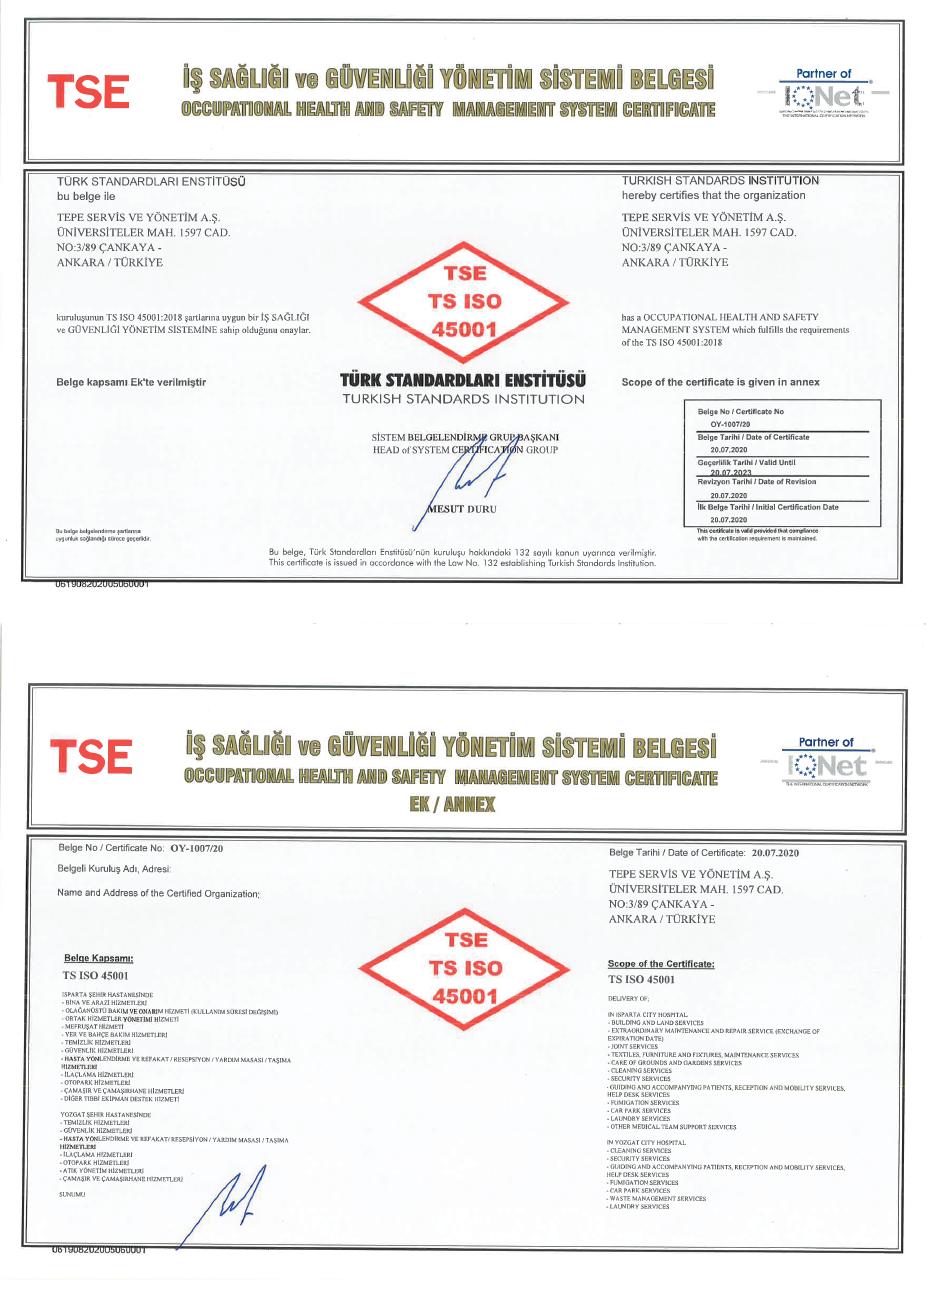 Yozgat Şehir Hastanesi PPP Projesi ISO 45001